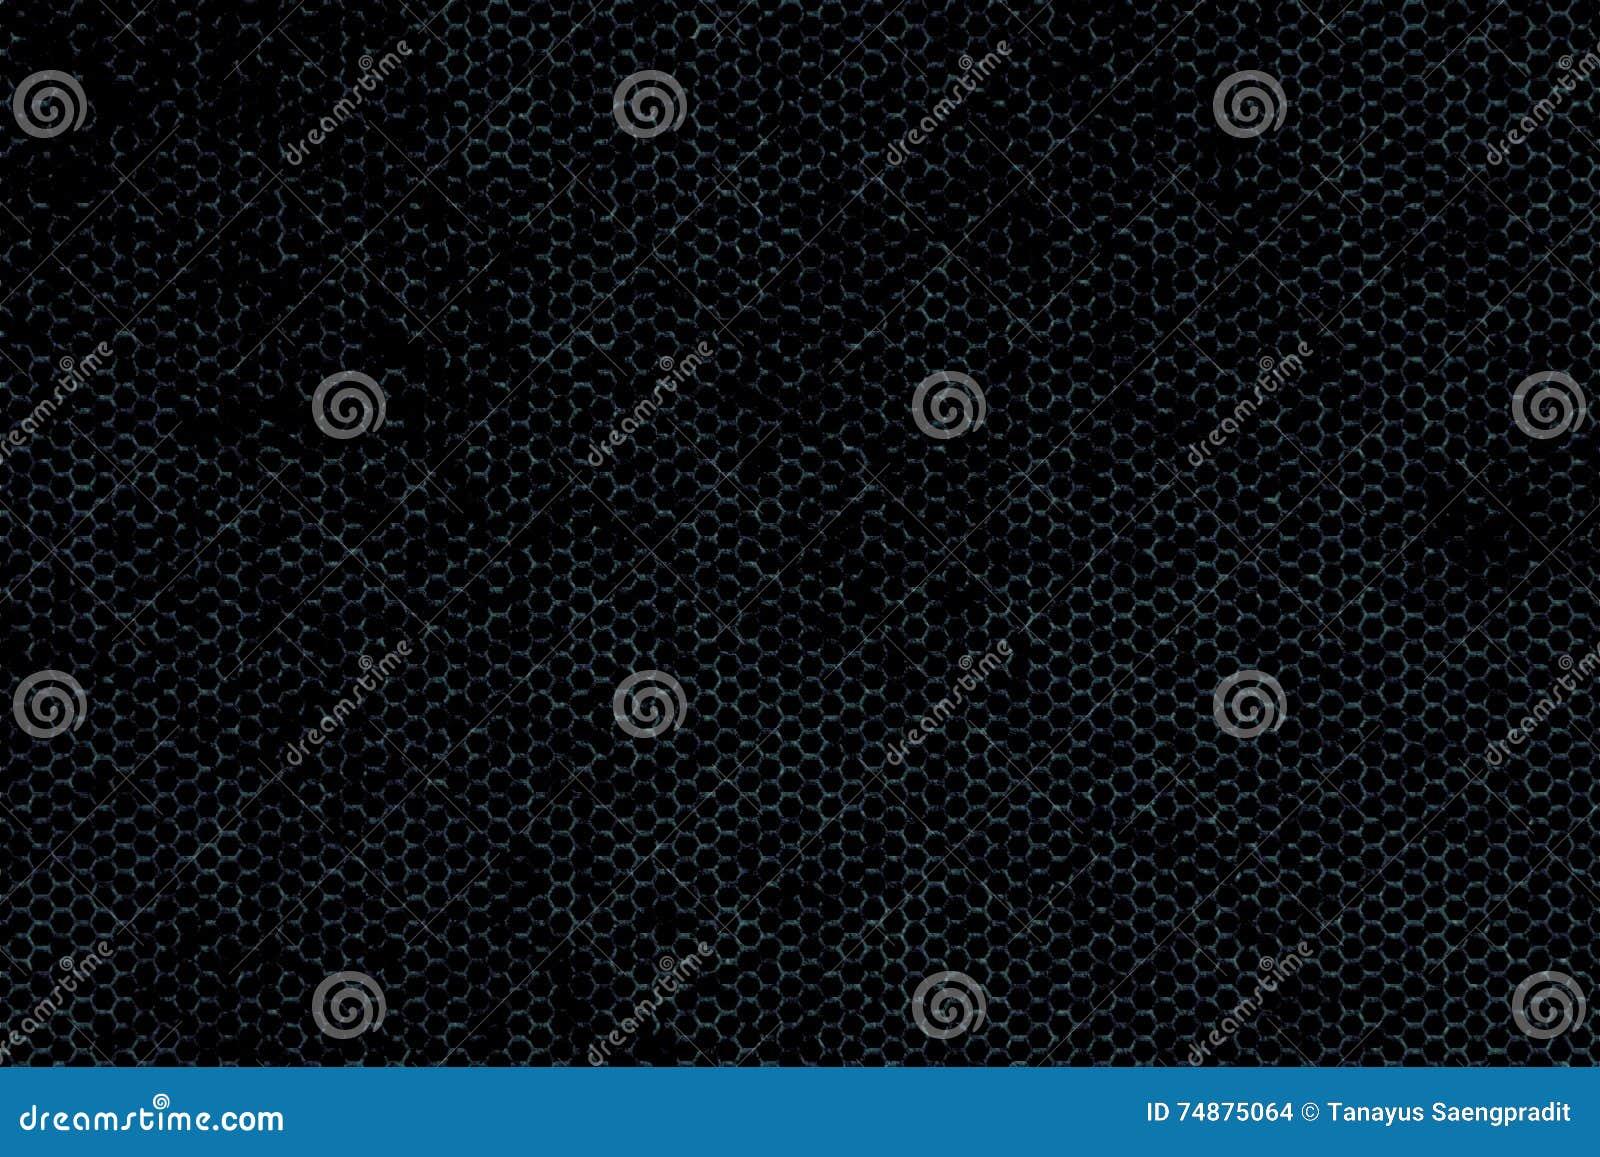 Textura metálica preta do fundo da malha